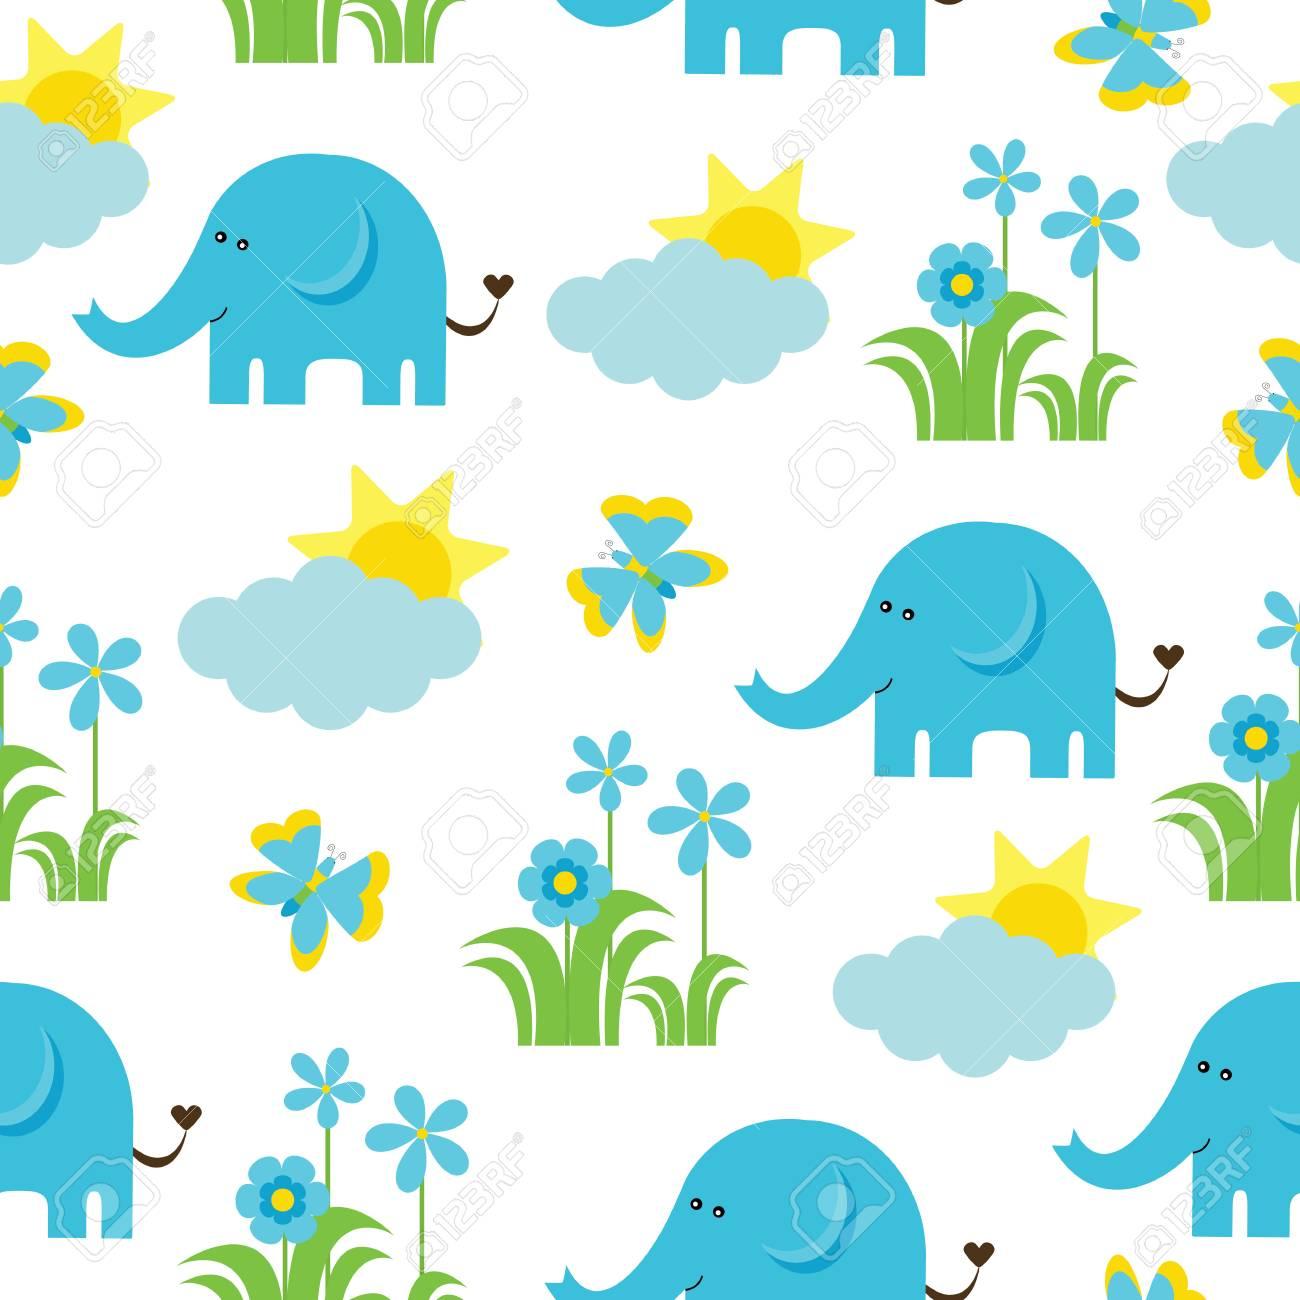 Modele Sans Couture De Douche De Bebe Avec Elephant Mignon Papillon Fleurs Et Soleil Approprie Comme Fond D Ecran Papier Brouillon Et Carte